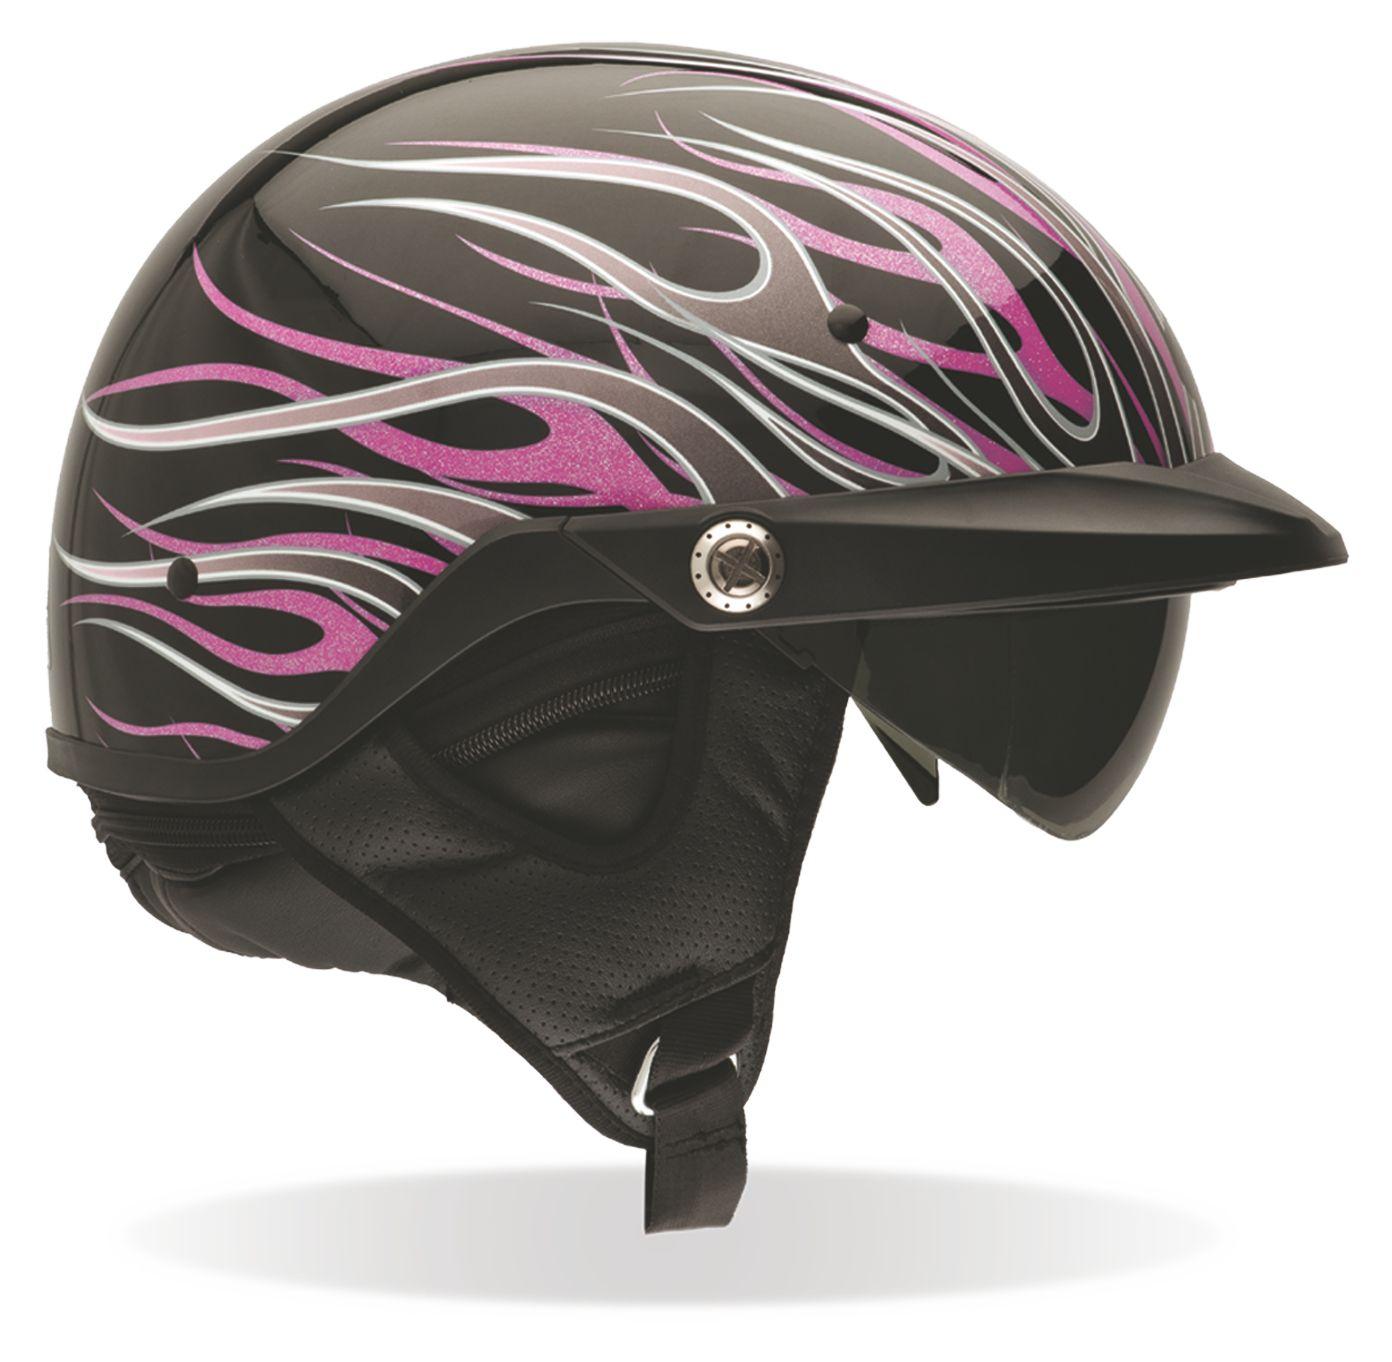 Bell Women's Pit Boss Pink Flames Helmet (Size 2XL Only ...